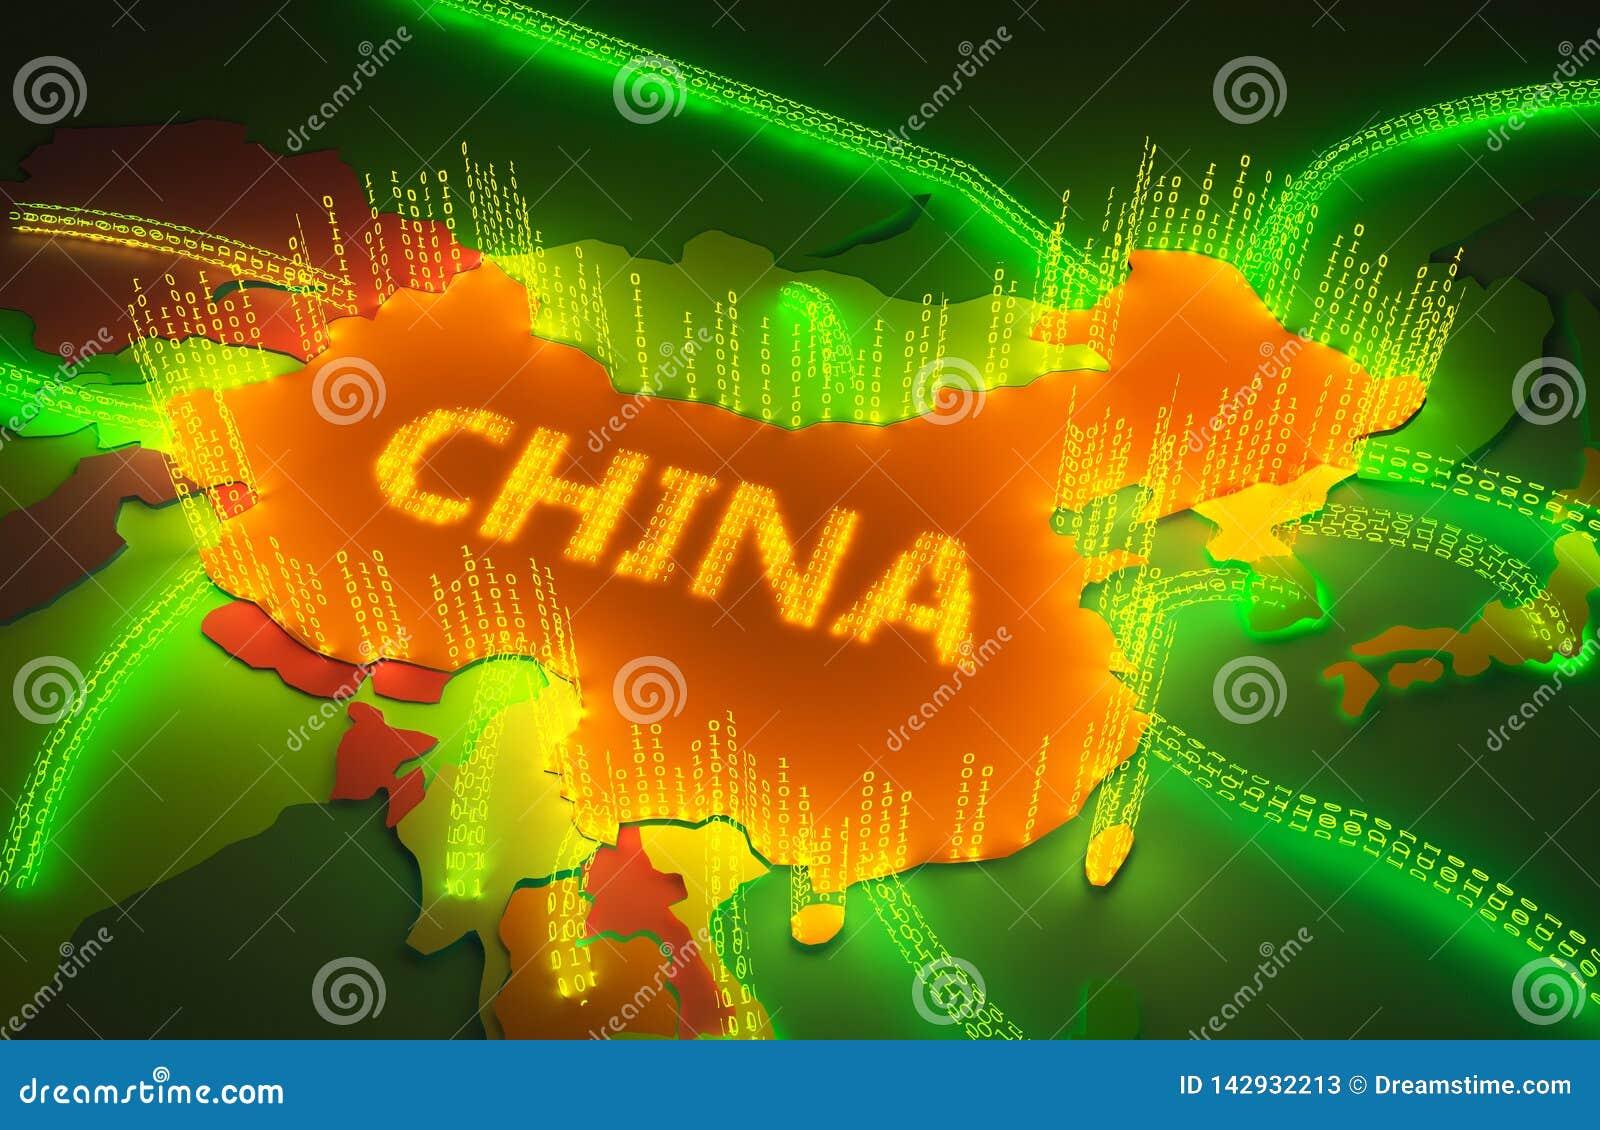 Ο χάρτης της Κίνας από μια δυαδική αντιπυρική ζώνη